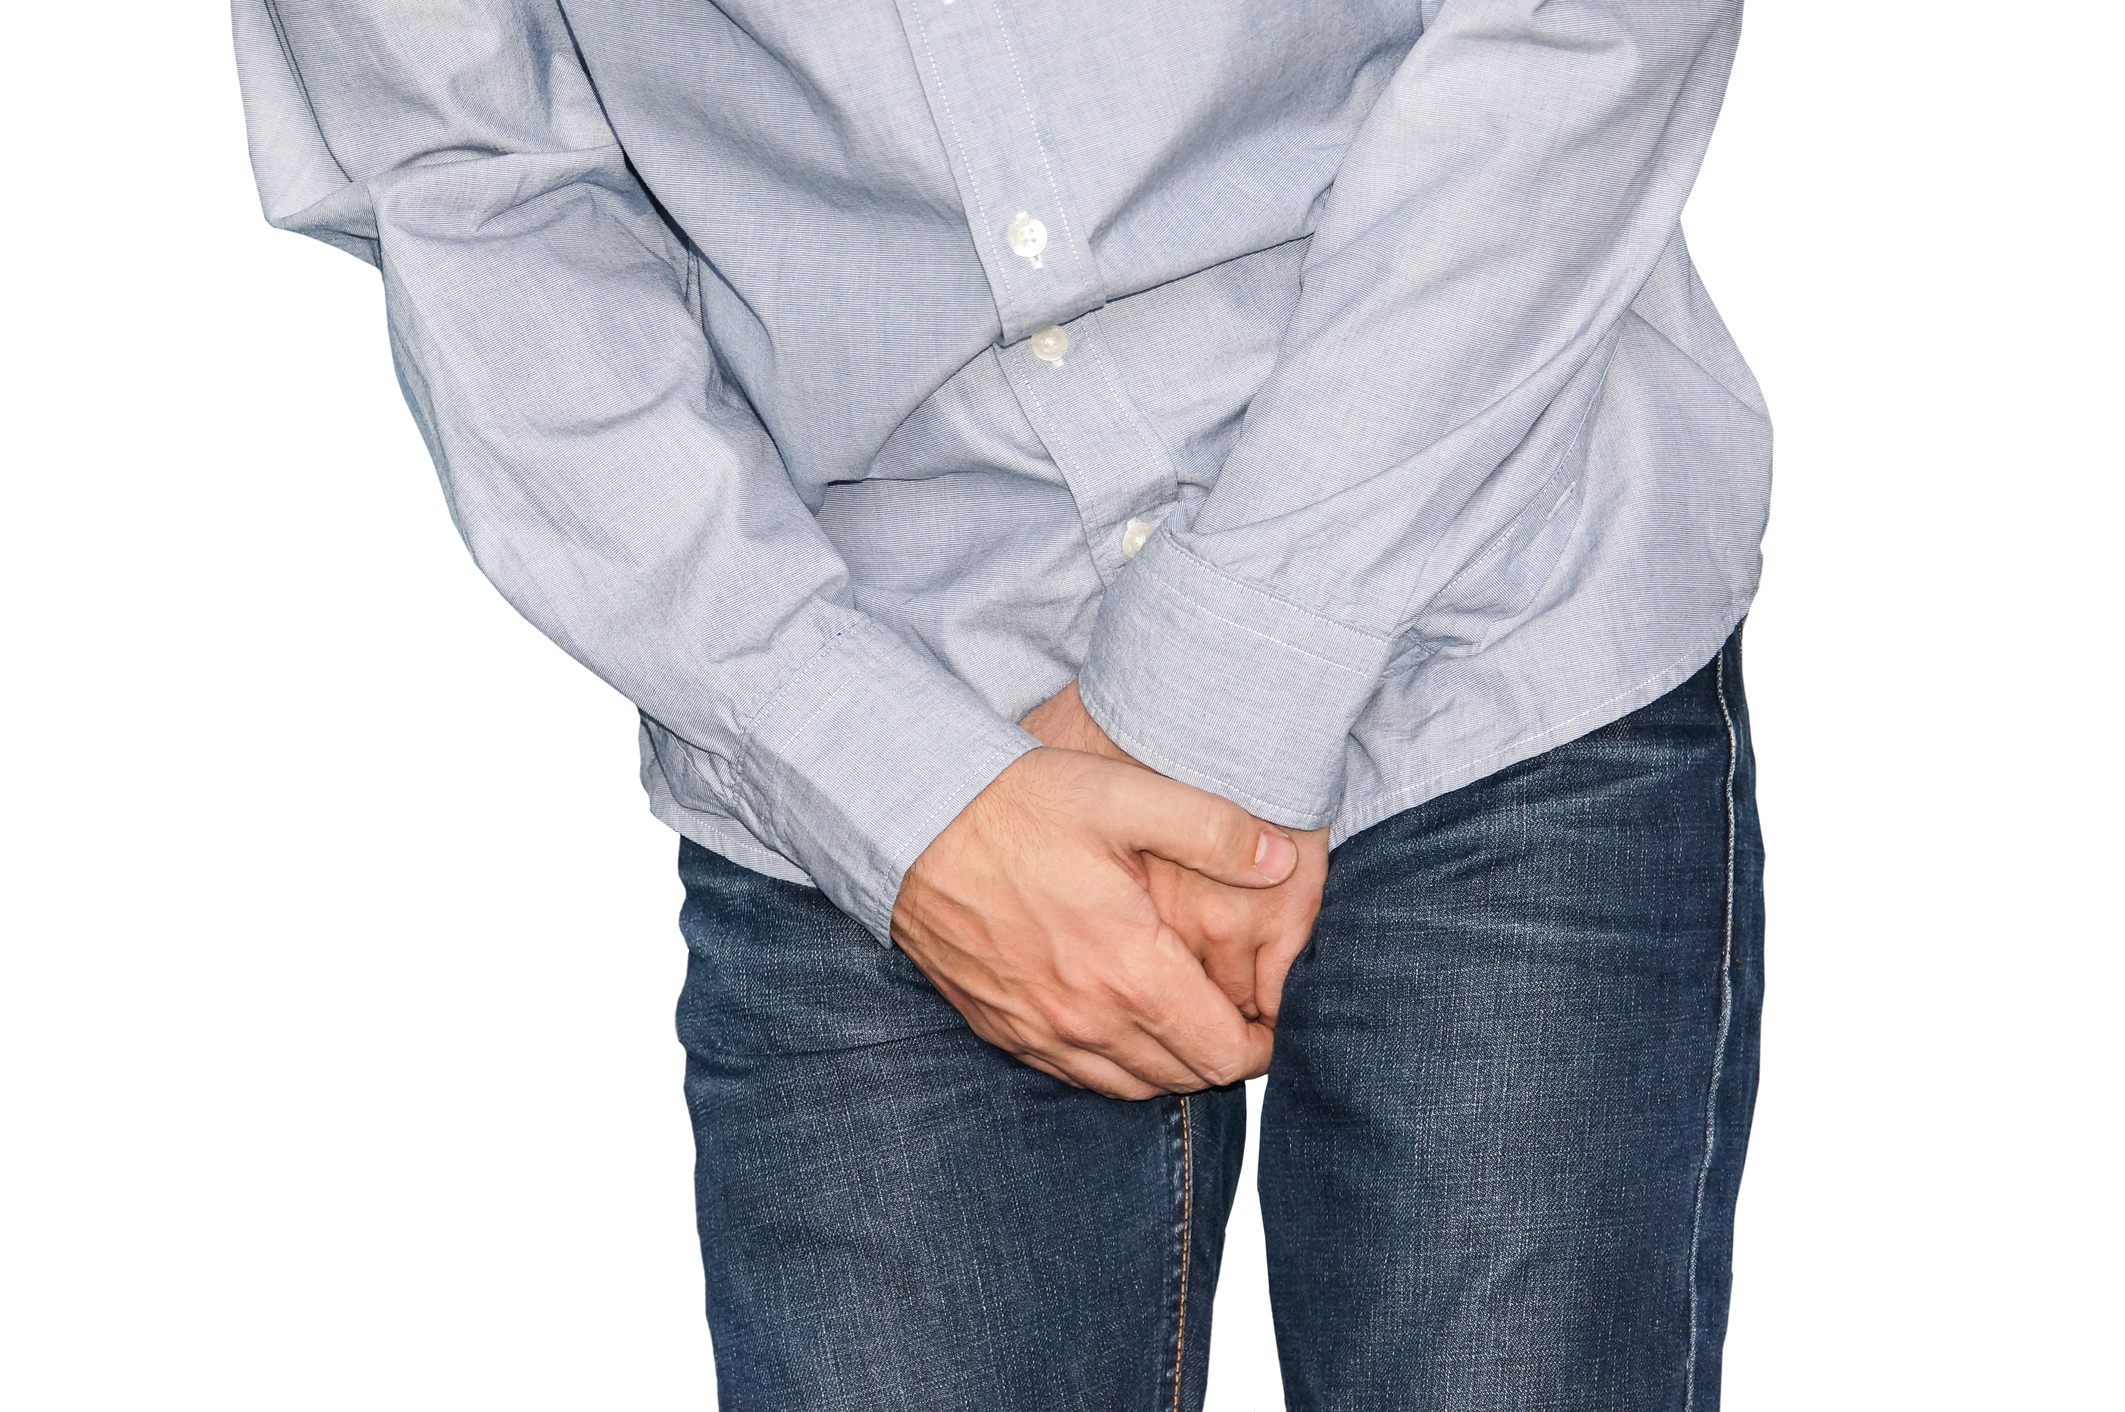 ha a pénisz erekció után azonnal leesik